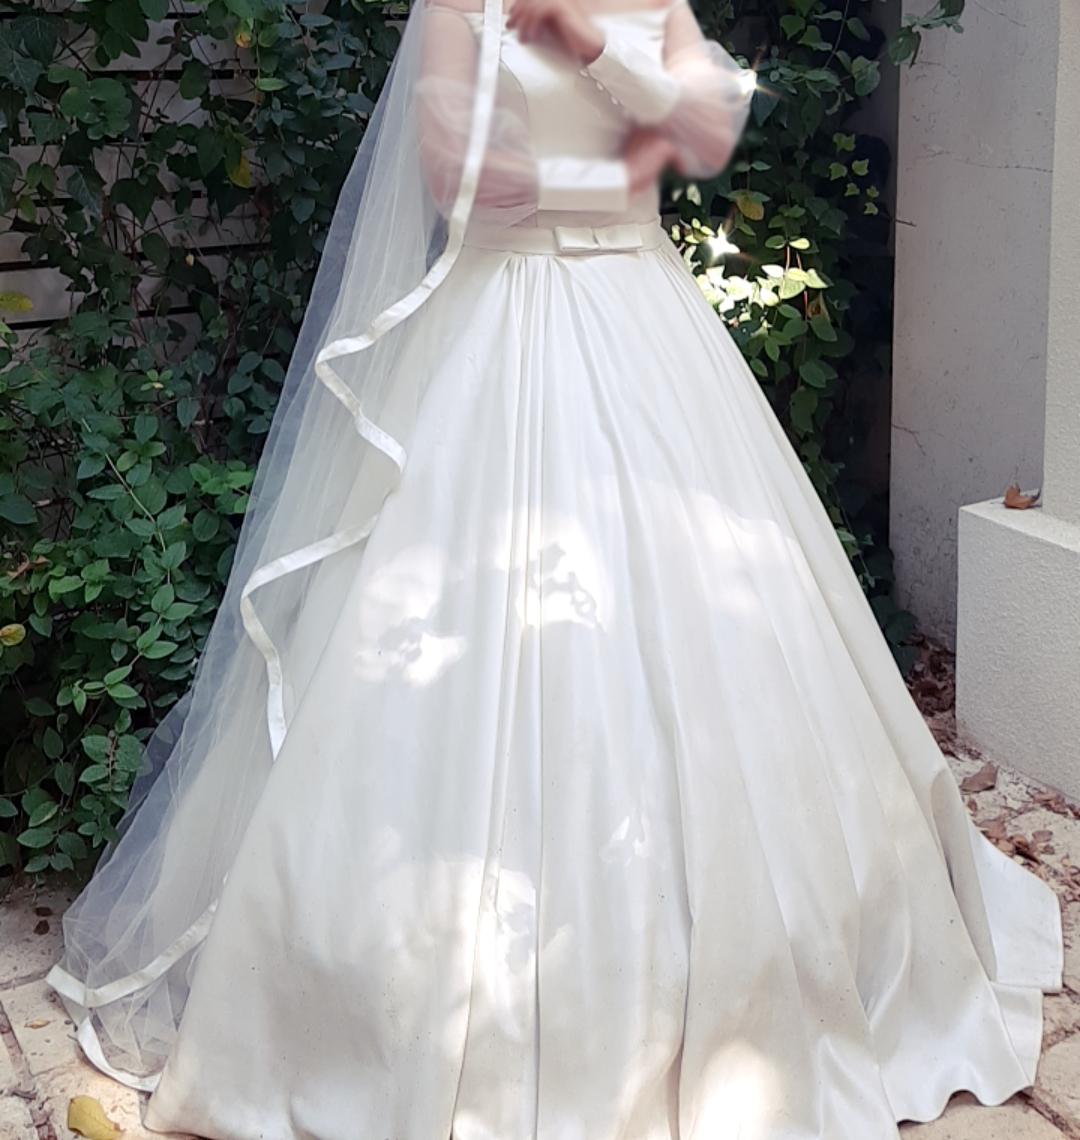 مزون لباس عروس مزونیک در شیراز